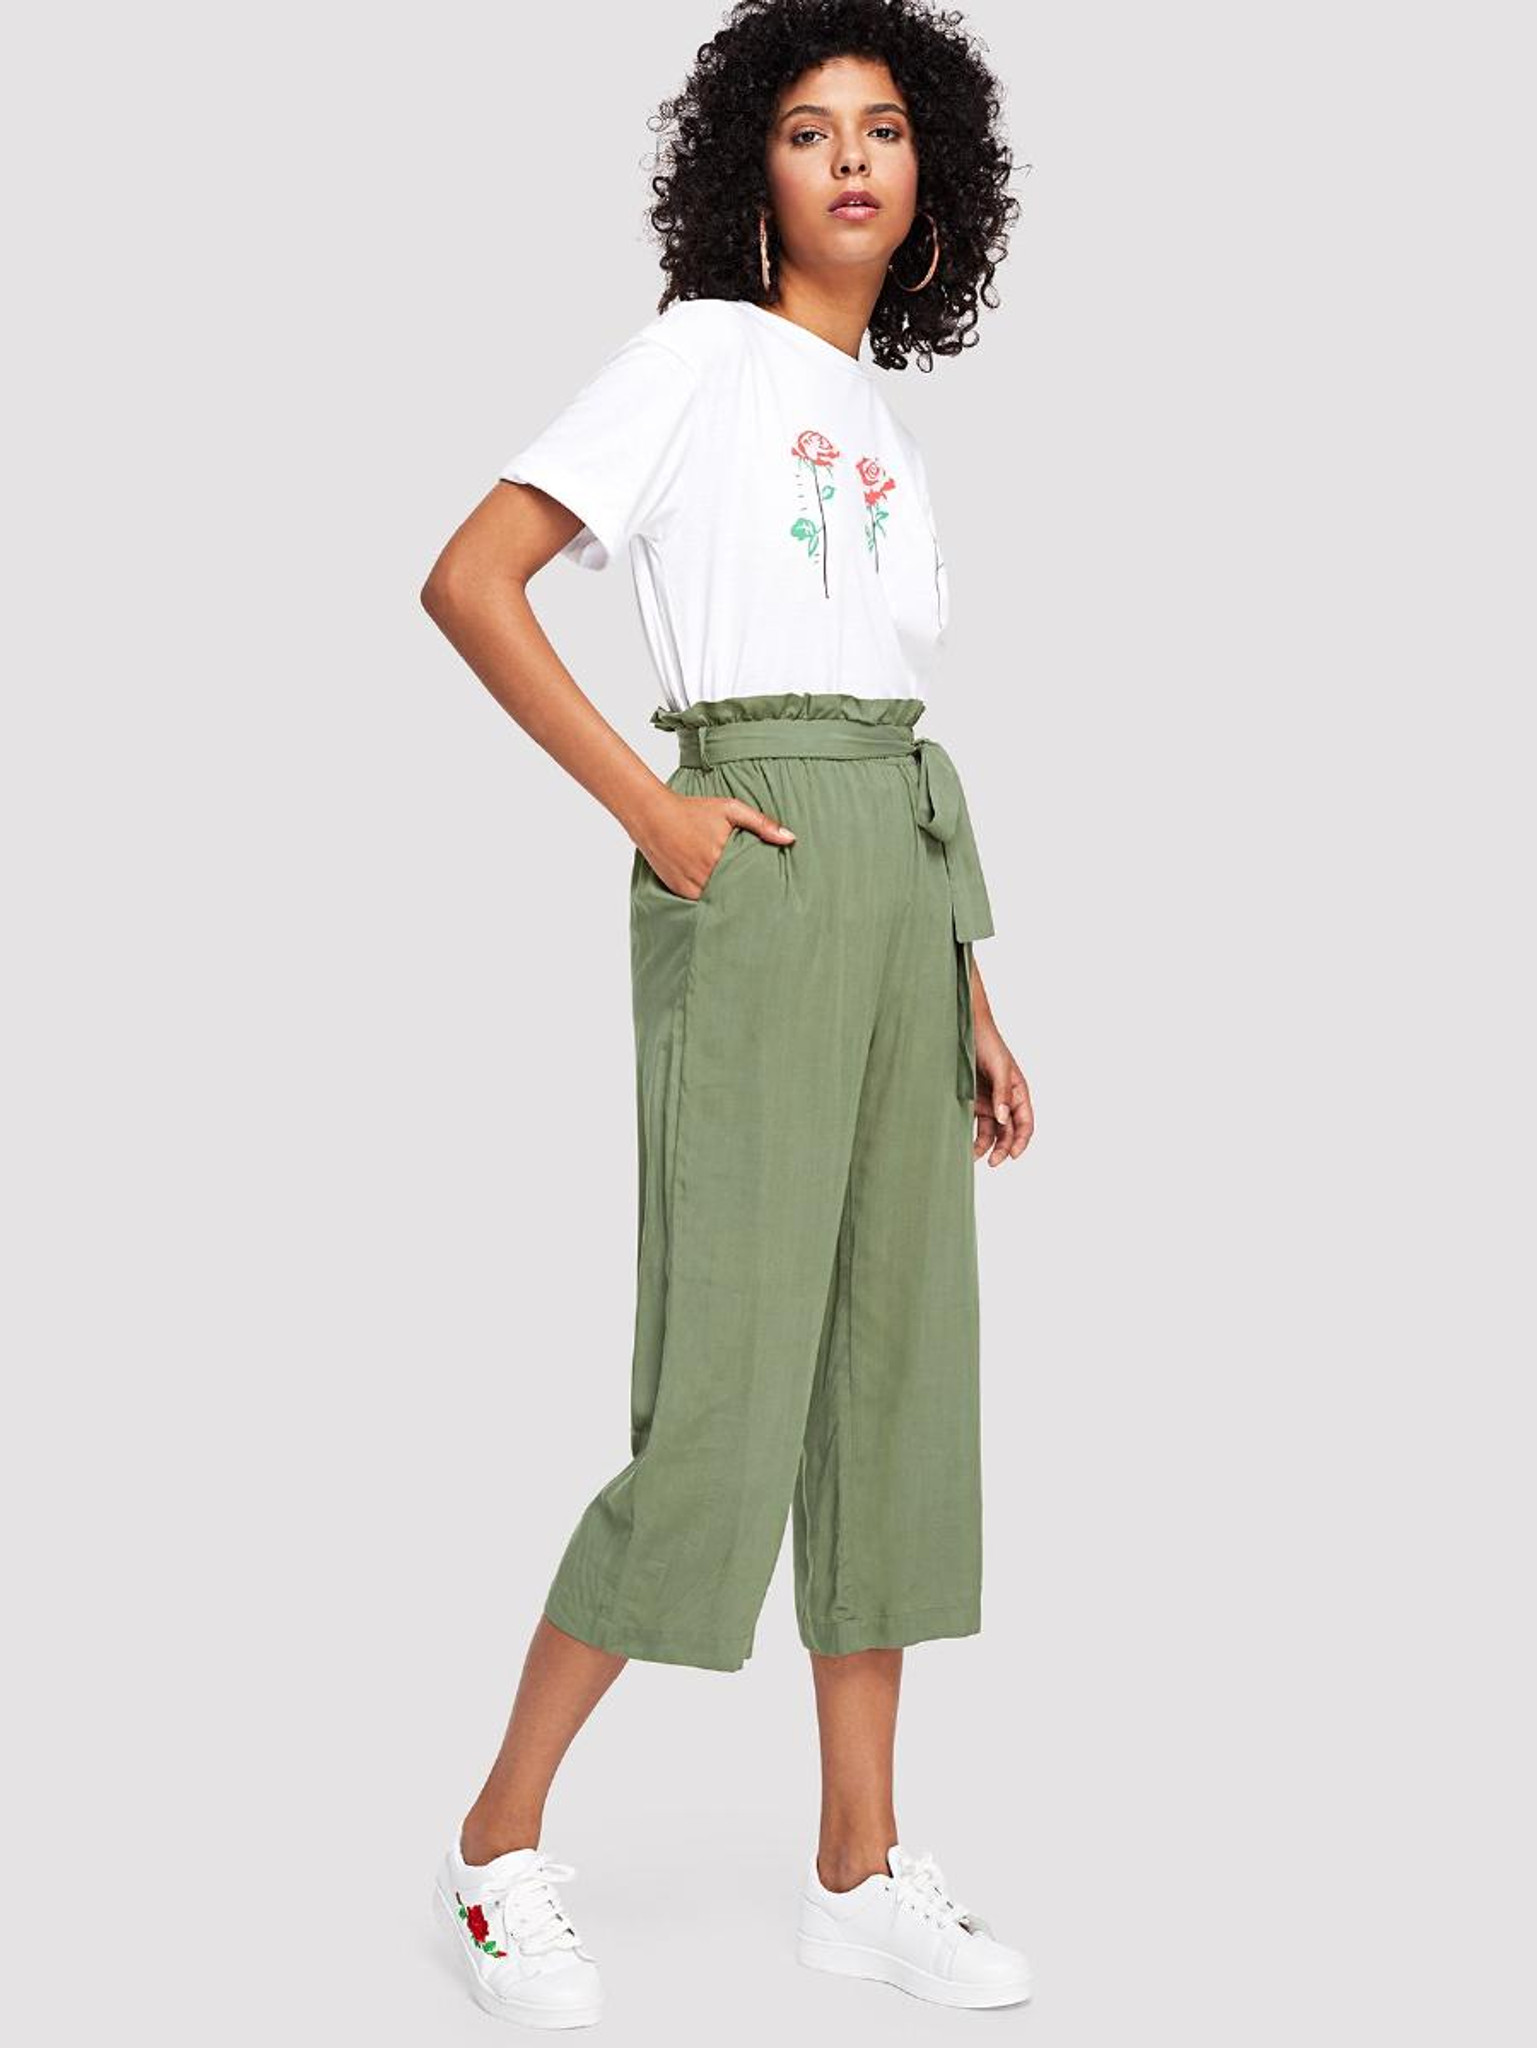 Fifth Avenue ROSH Georgette Tie-Waist Culotte Pants - Green